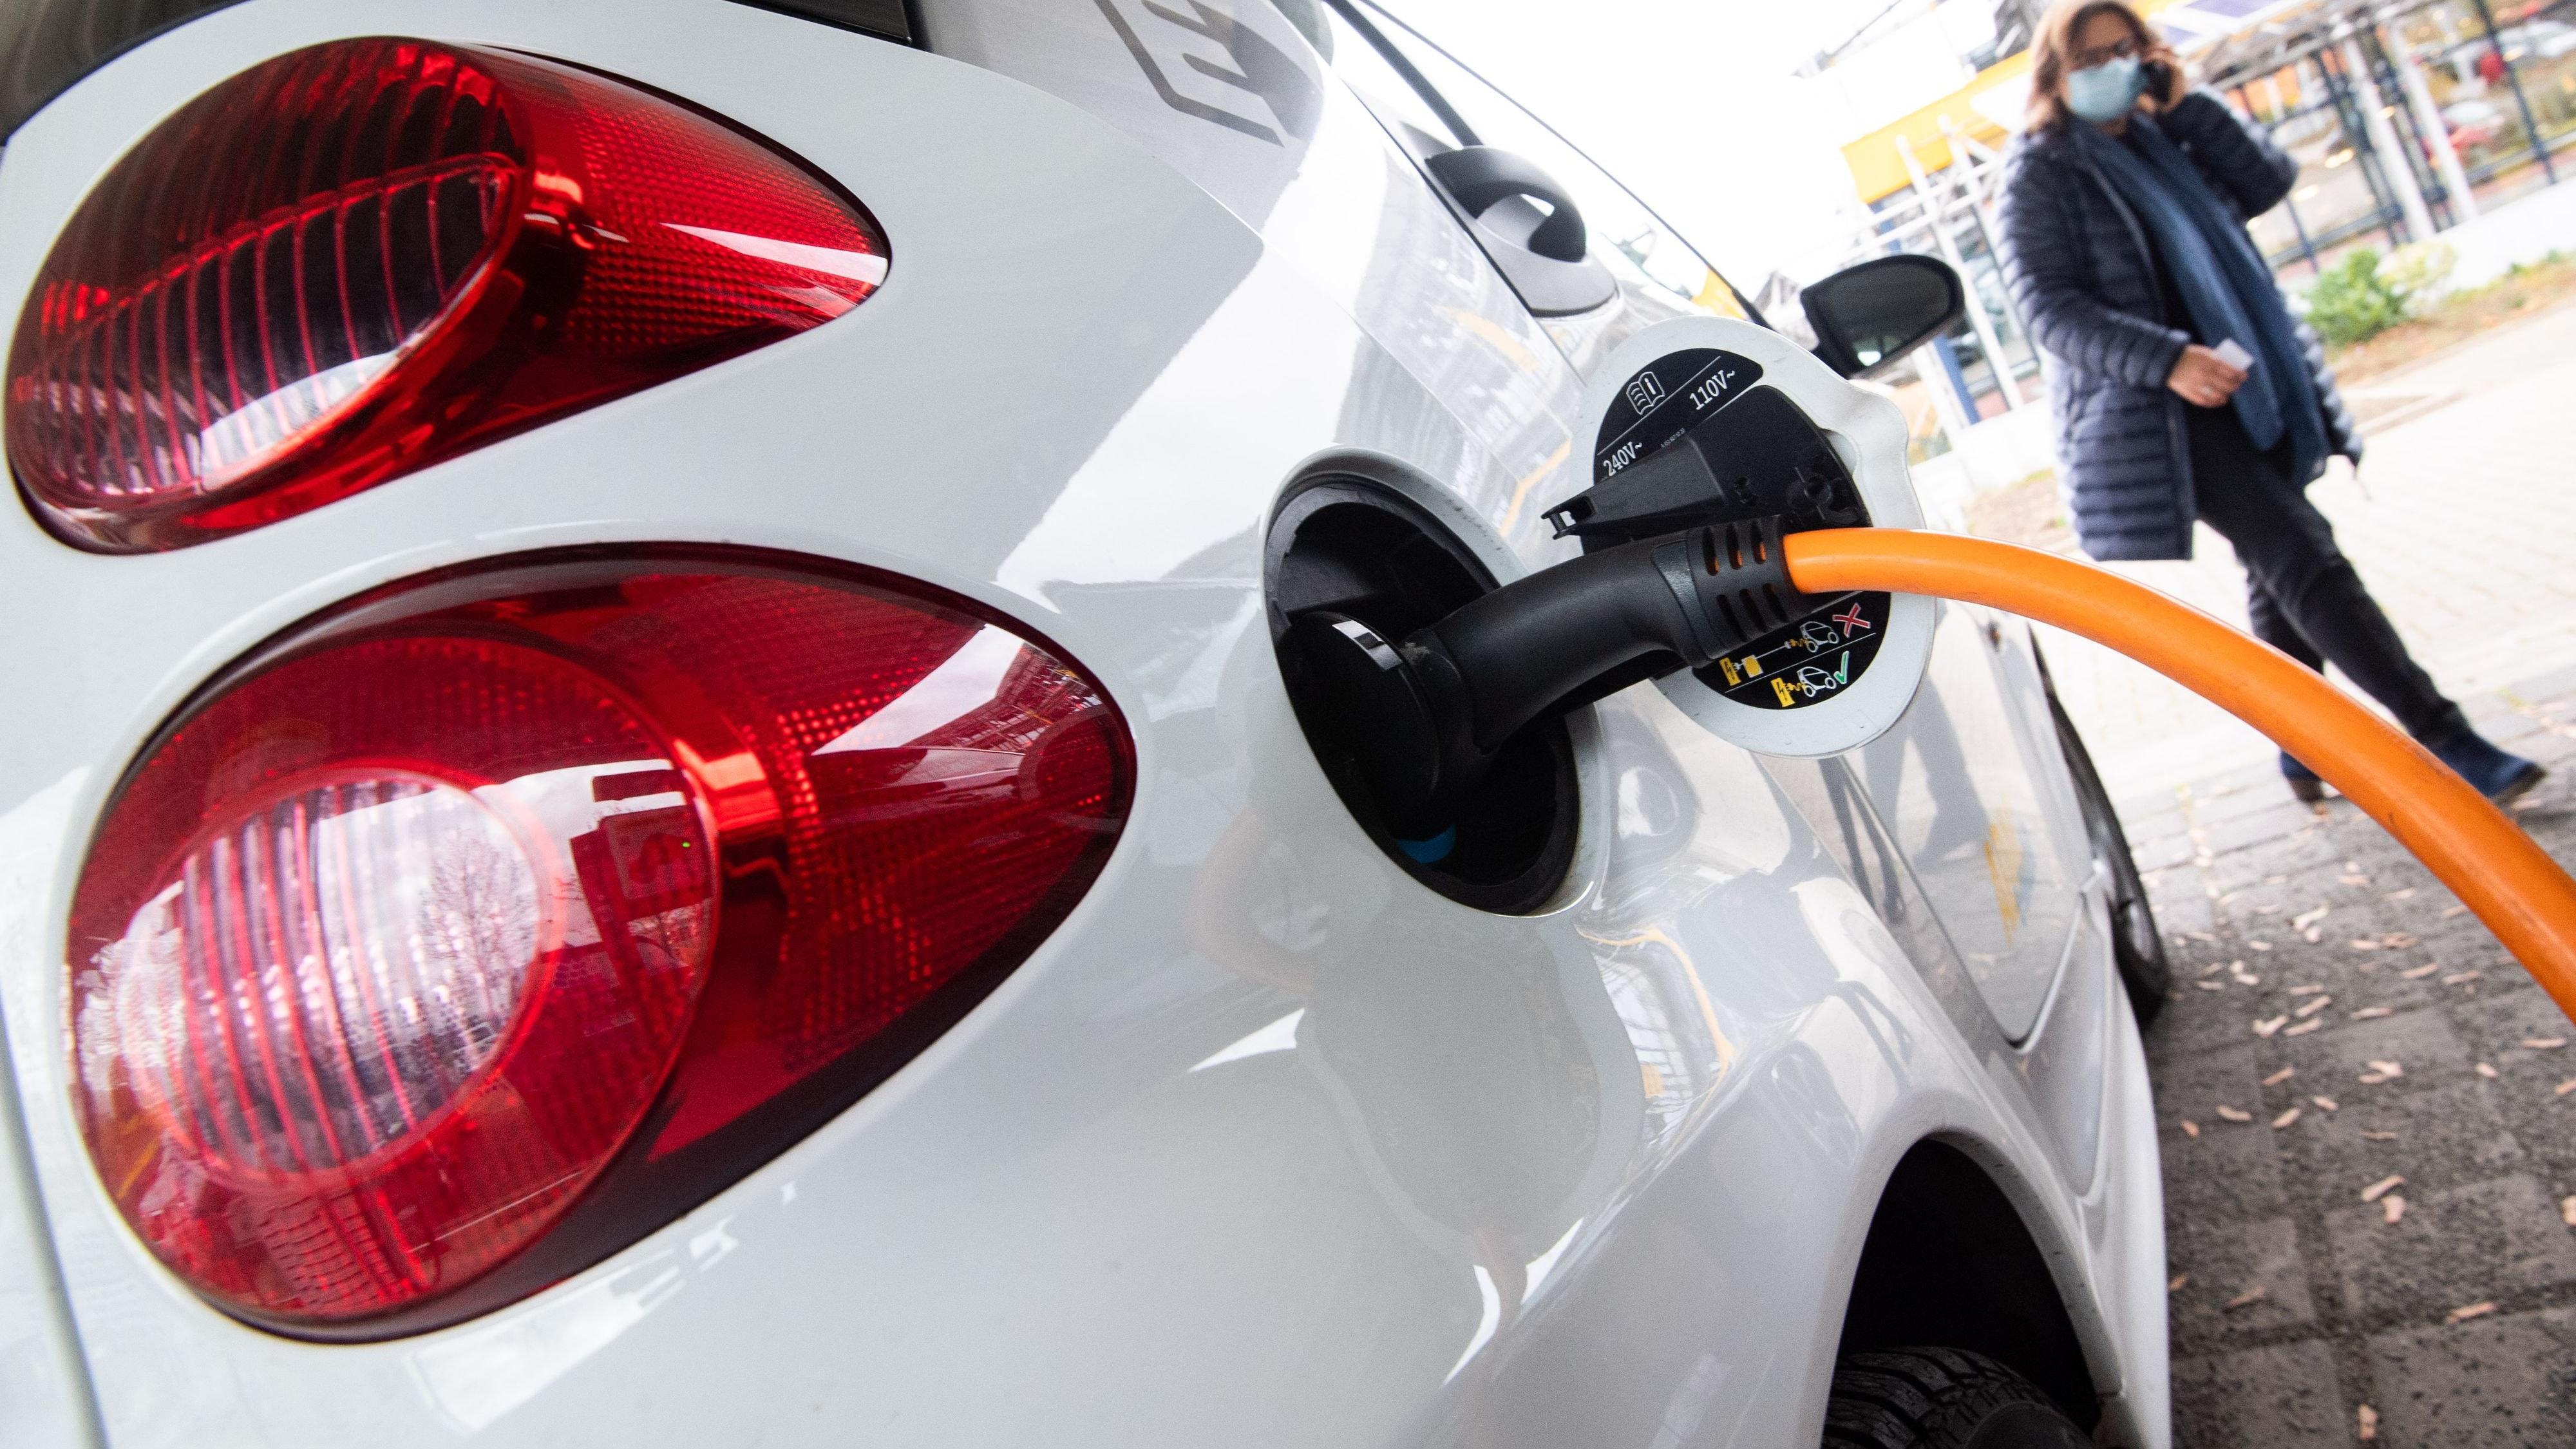 Im Kommen: Der Anteil von E-Fahrzeugen nimmt zu. Dafür werden Ladestationen gebraucht. Symbolfoto: dpa/Julian Stratenschulte